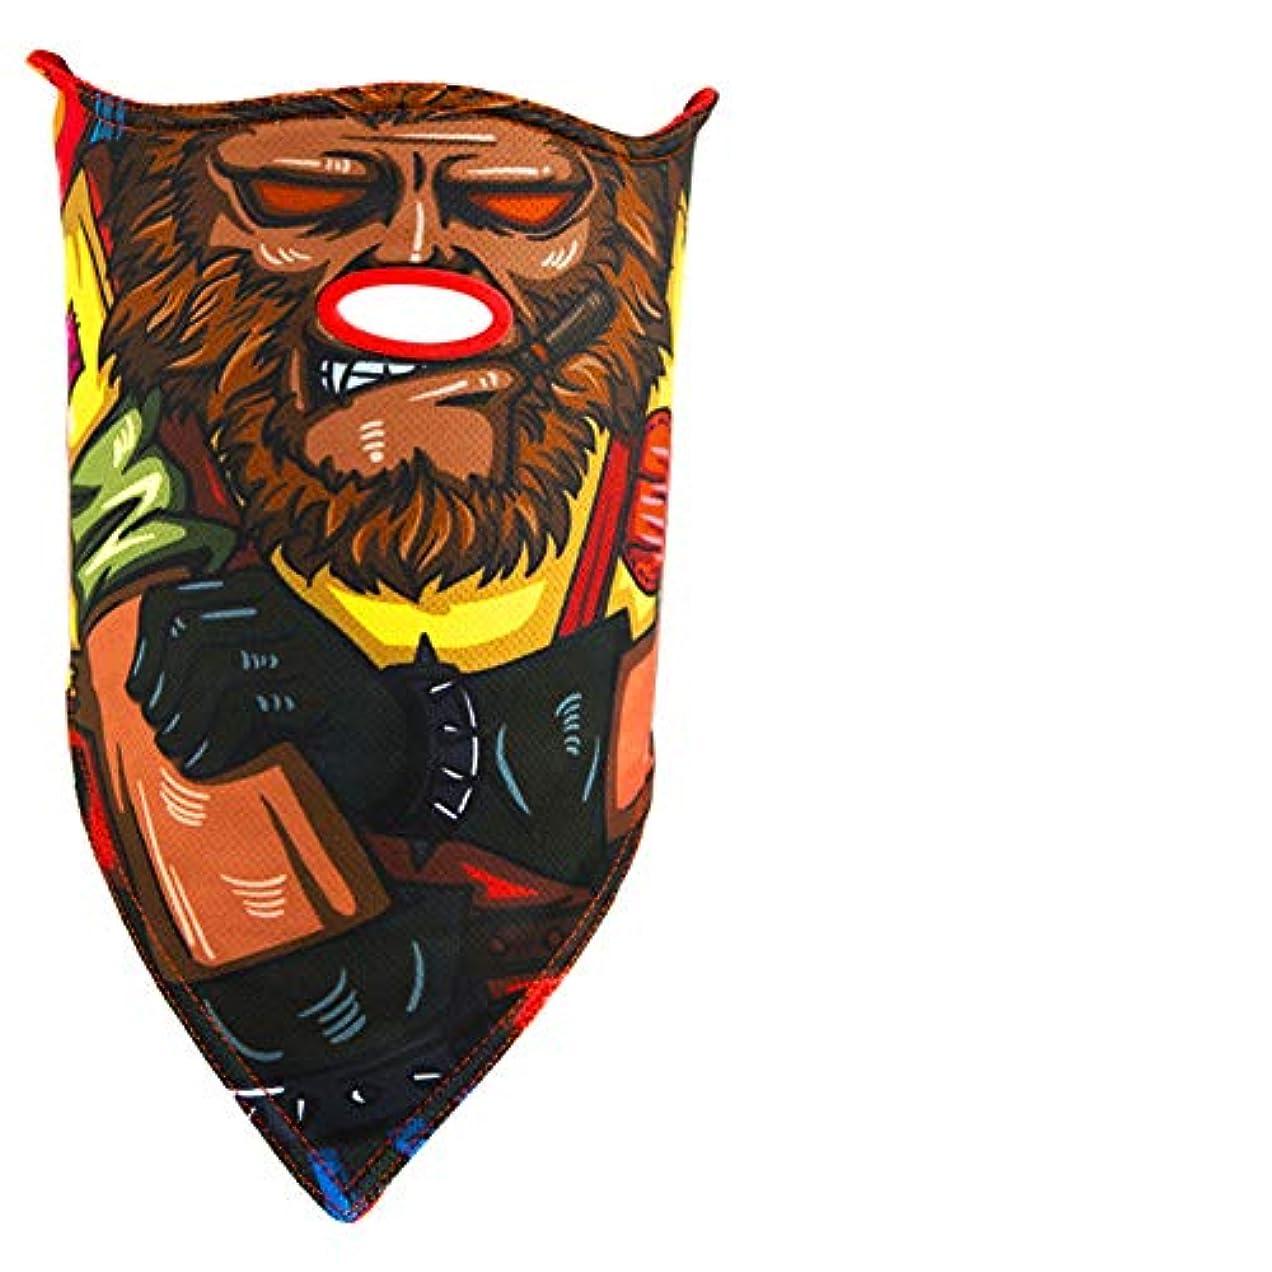 ライトニングベスビオ山良性スキーマスク成人男性と女性冬フリース防風暖かいシングルダブルボードスキー通気性の顔,B